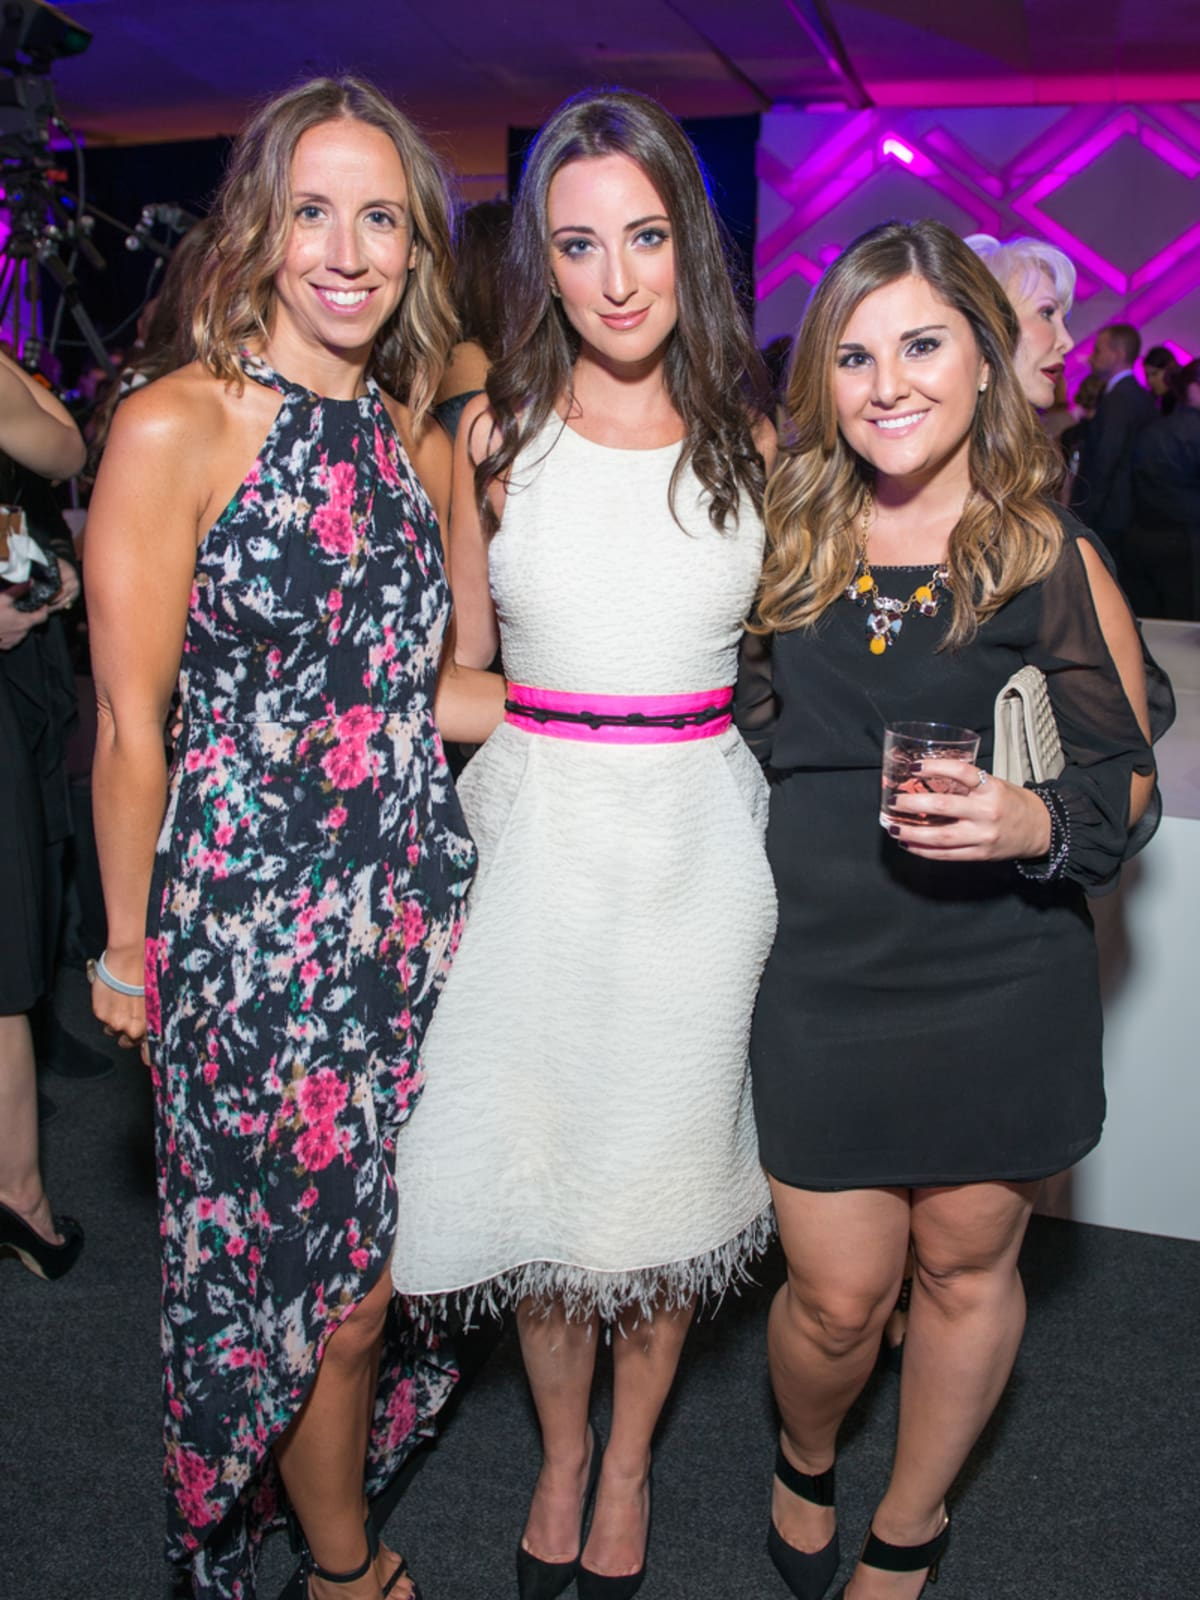 Houston, Vogue Simon Fashion Show, September 2015, Christa Allen, Micaela Erlinger, Katelyn Shea